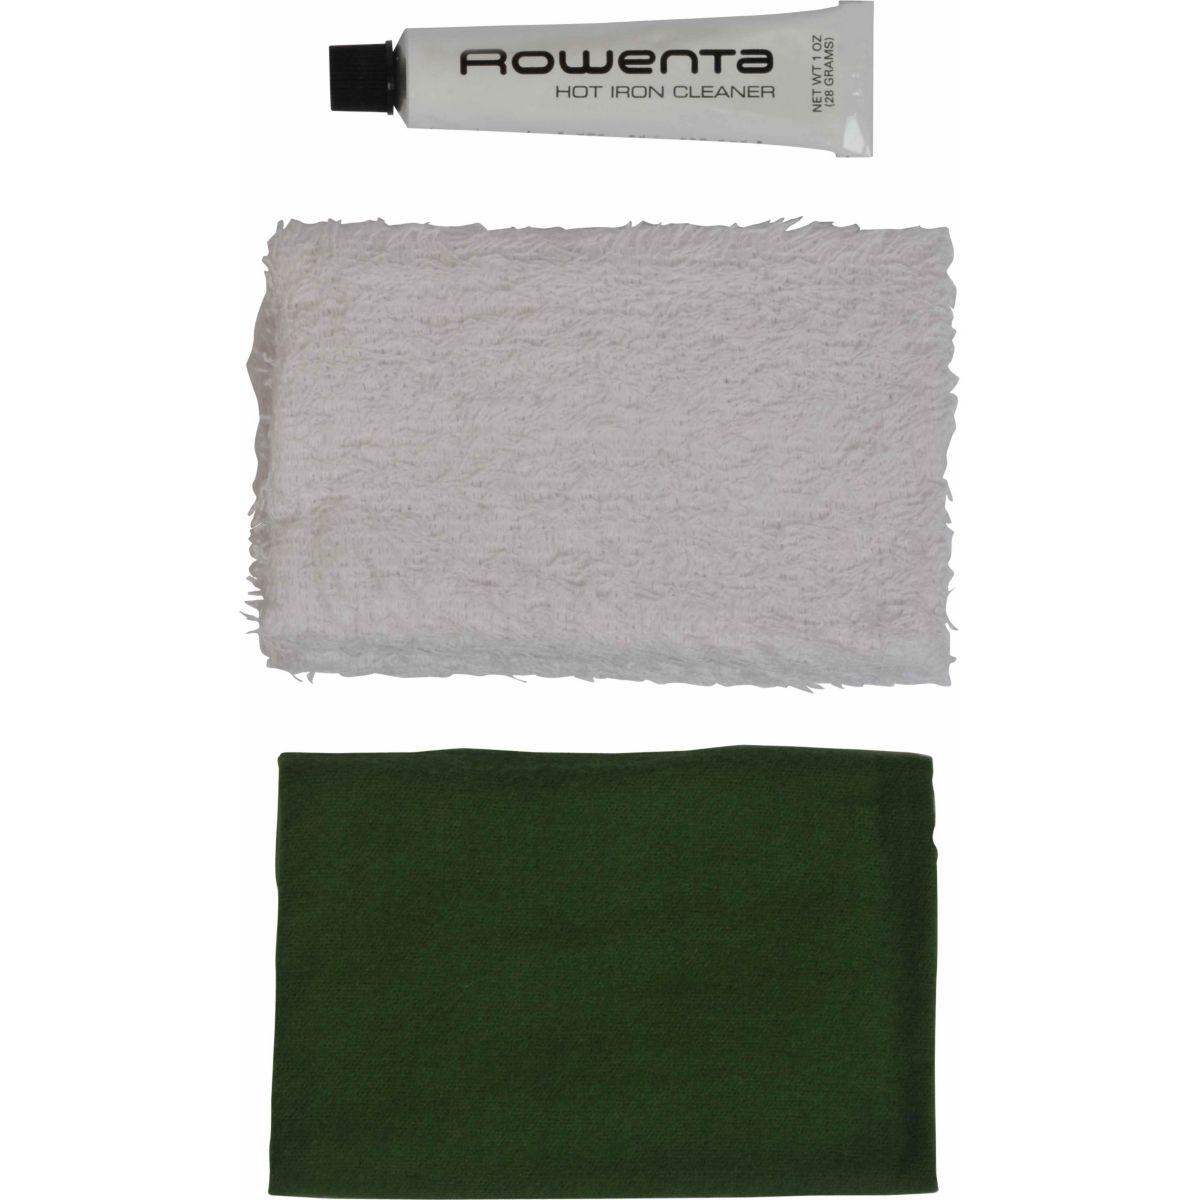 Kit de nettoyage pour semelle de fer rowenta kit de nettoyage pour semelle de fer - 20% de